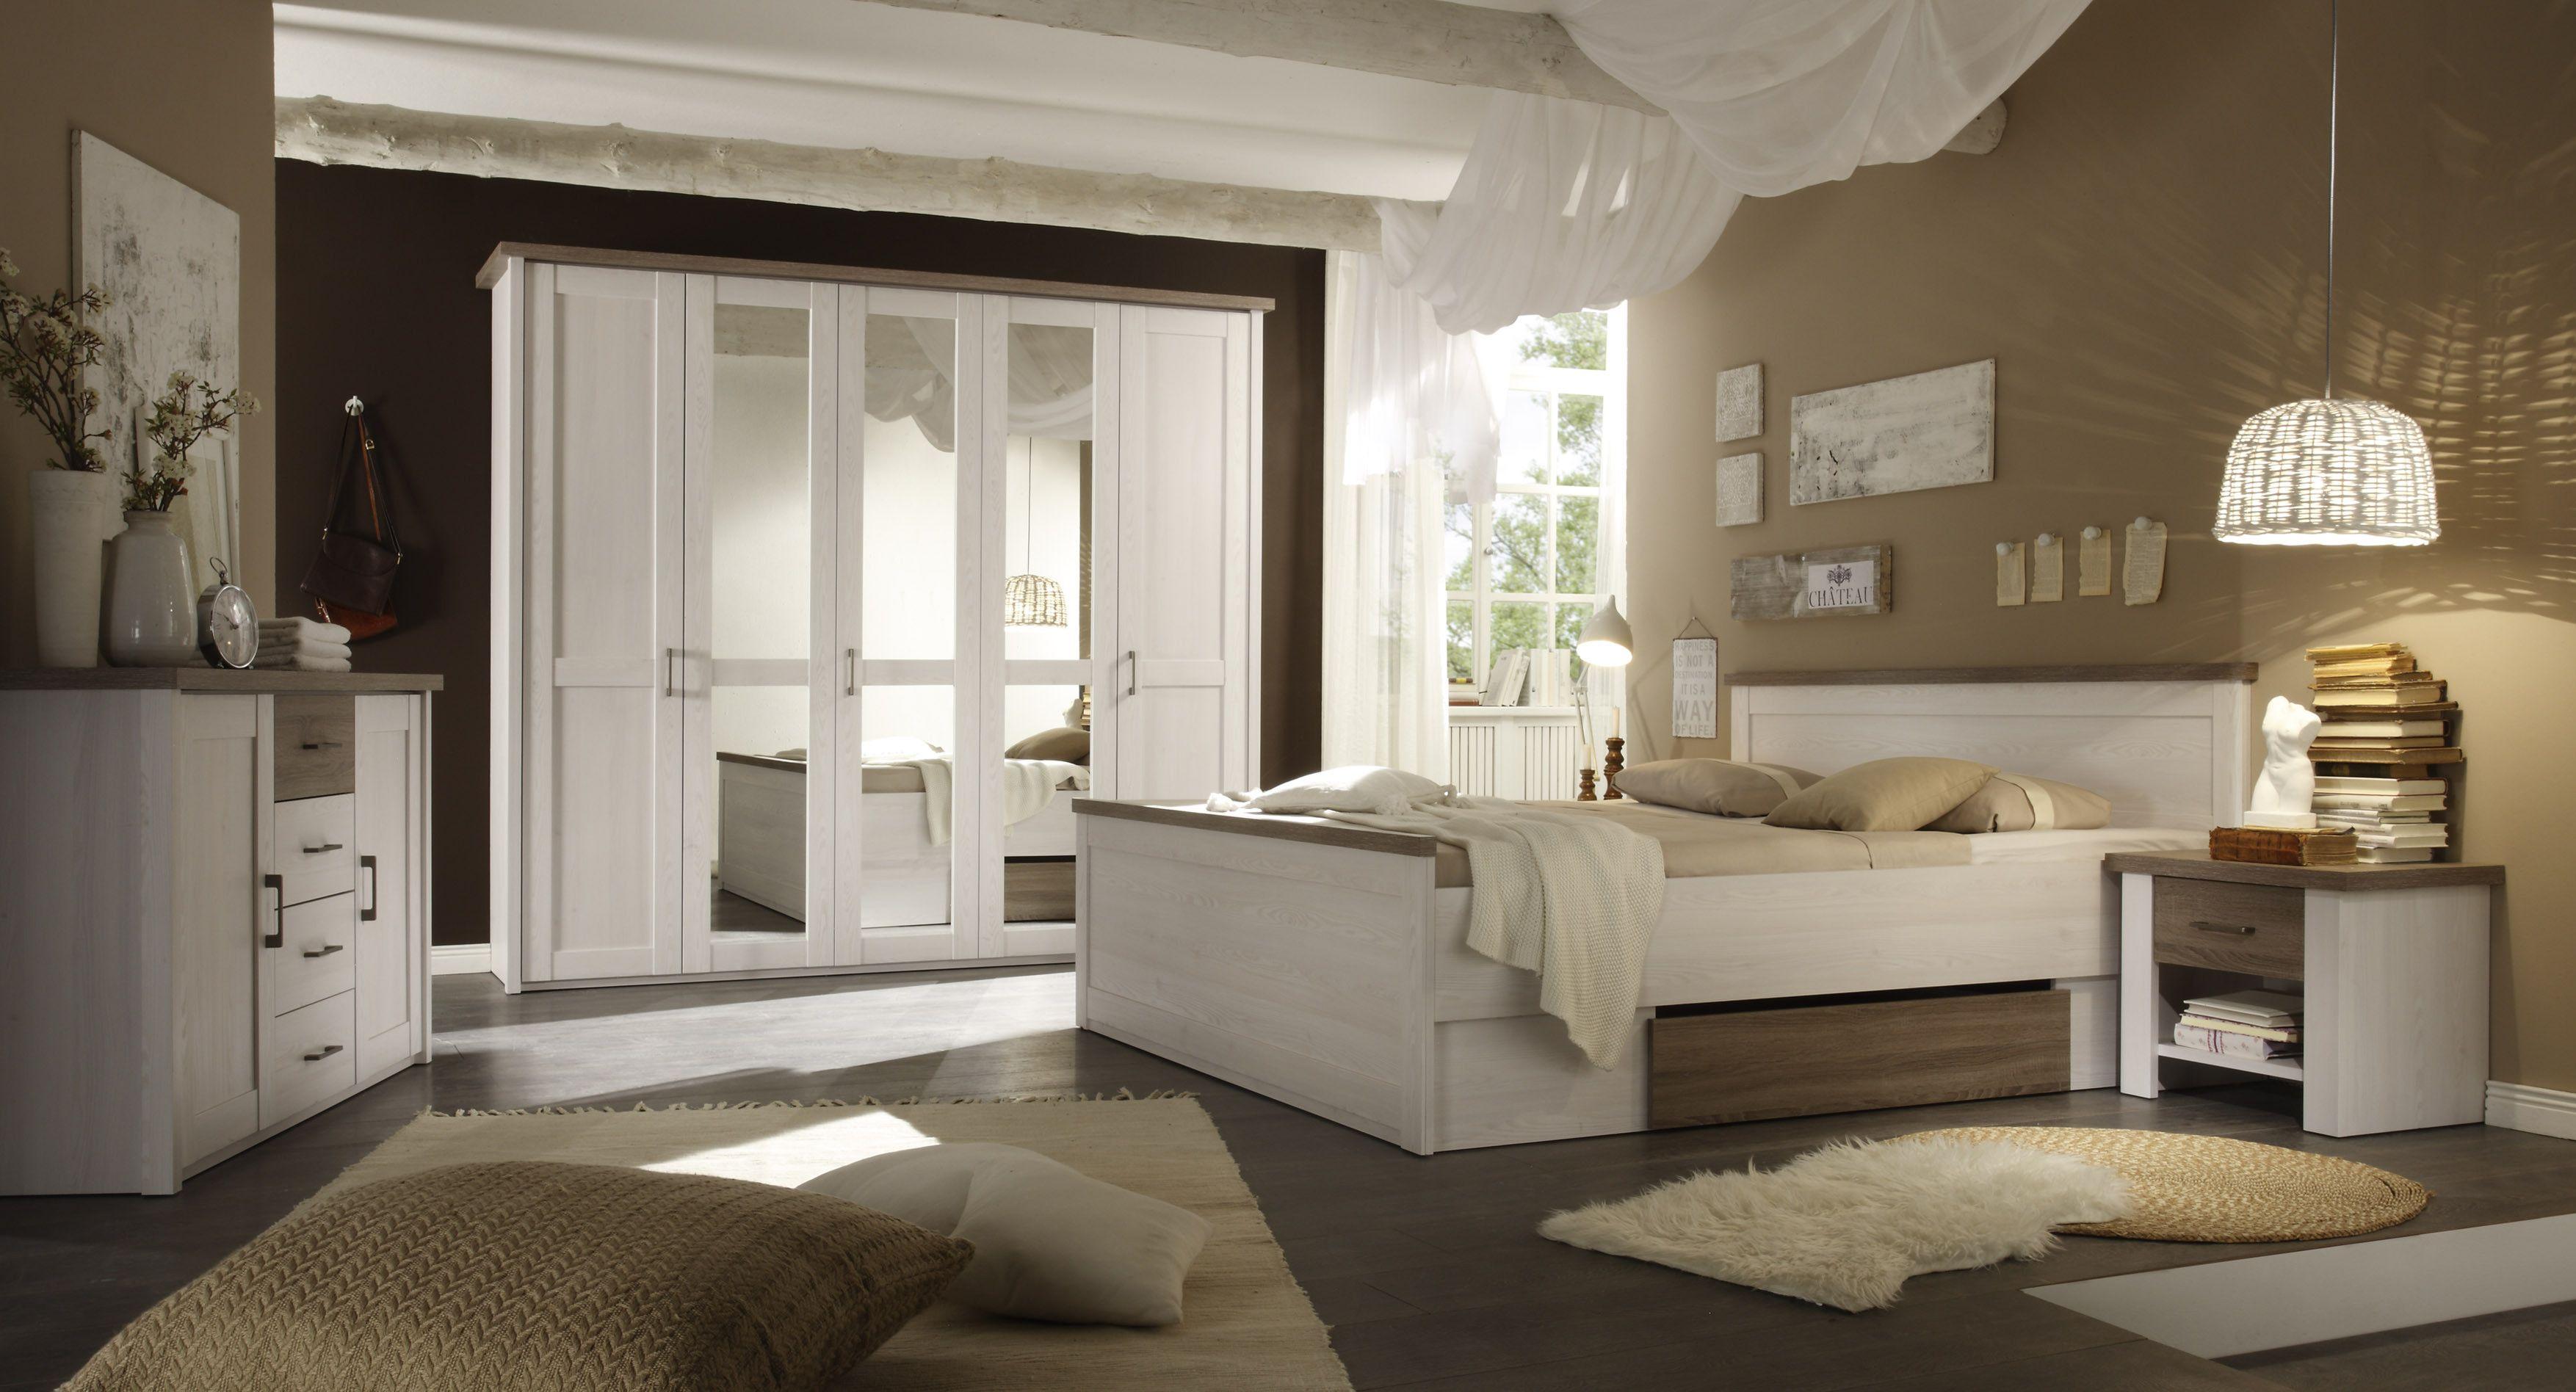 Schlafzimmer Mit Bett 180 X 200 Cm Pinie Weiss/ Trüffel